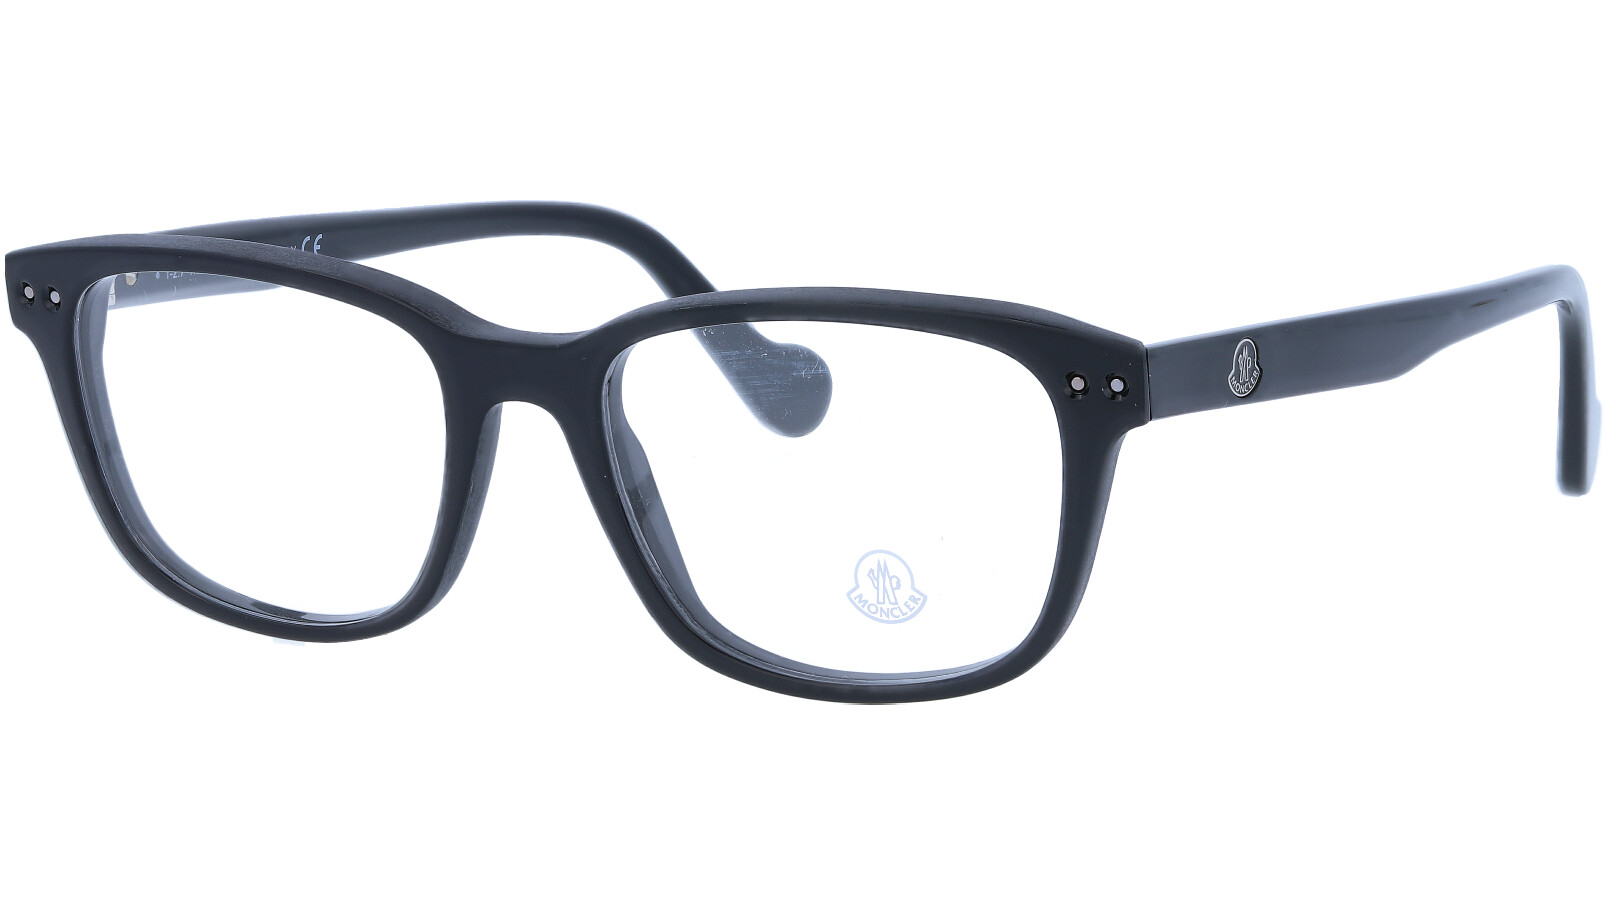 Moncler ML5015V 001 53 Black Glasses